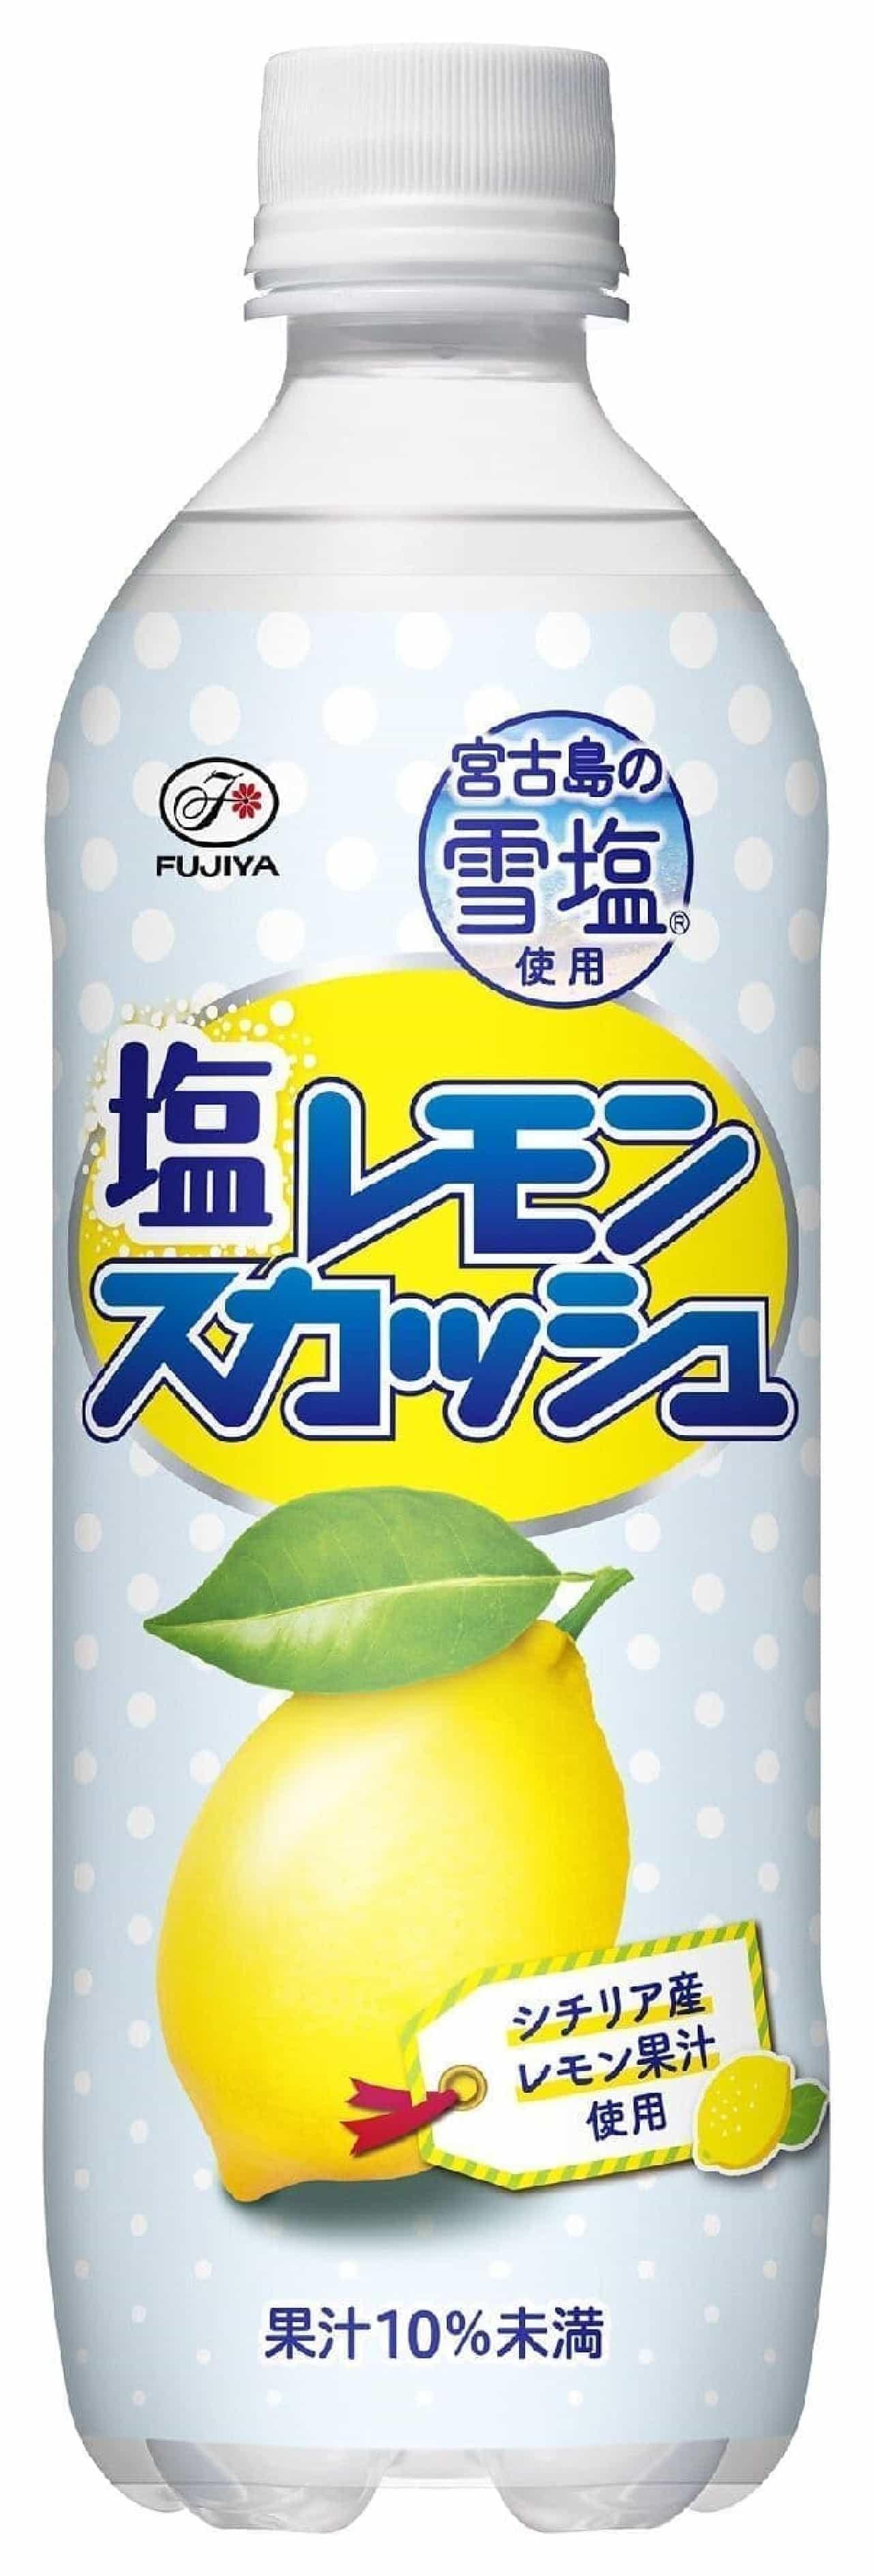 不二家の定番炭酸飲料「塩レモンスカッシュ」